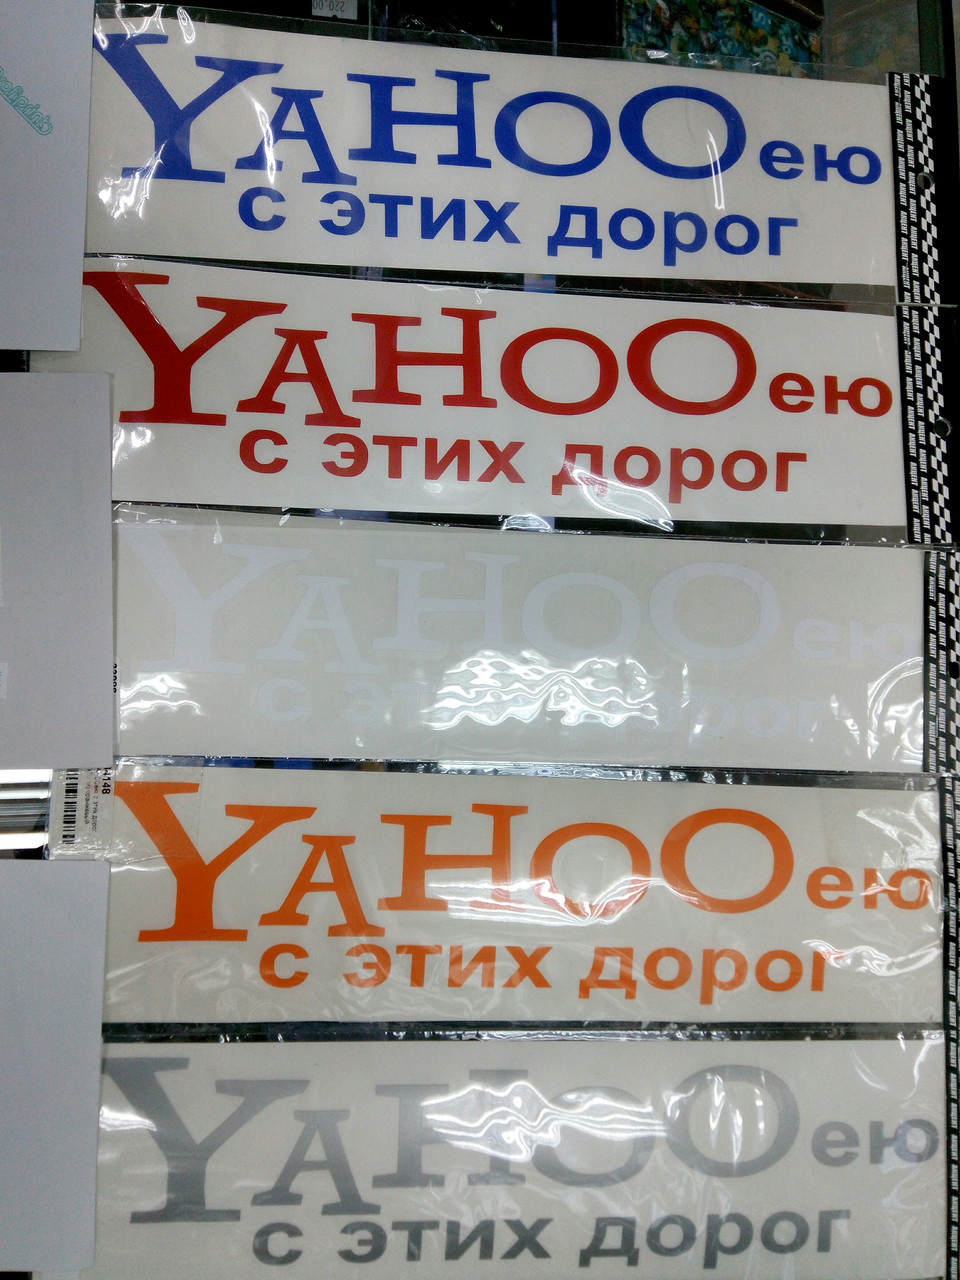 Виниловые наклейки YAHOOею с этих дорог  30х7 см  разные цвета